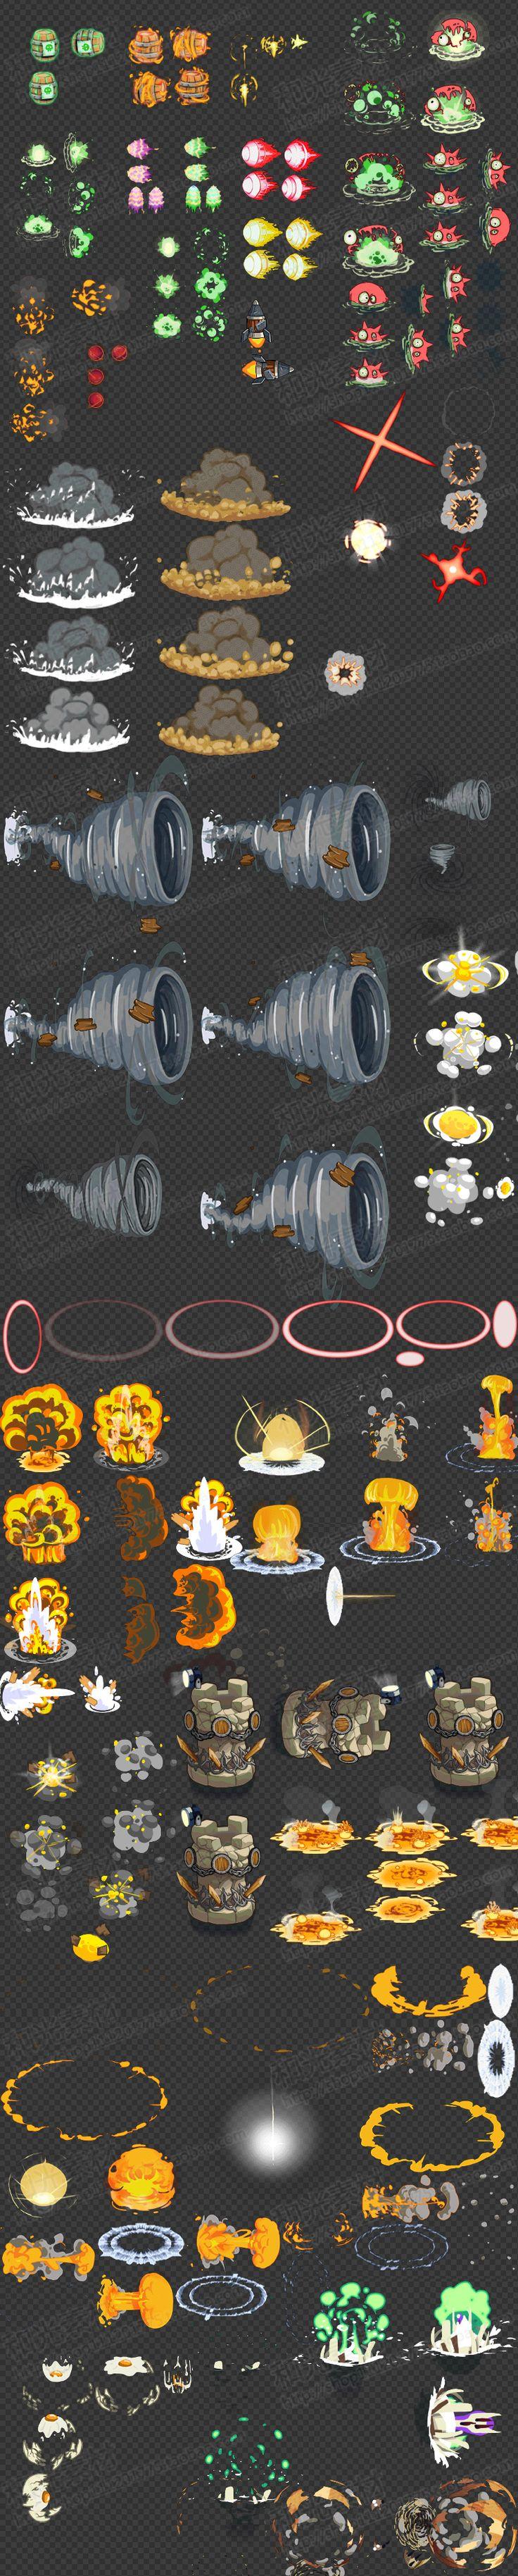 游戏美术资源/Q版手游海盗传奇/UI素材/界面/图标/场景/音效特效-淘宝网全球站